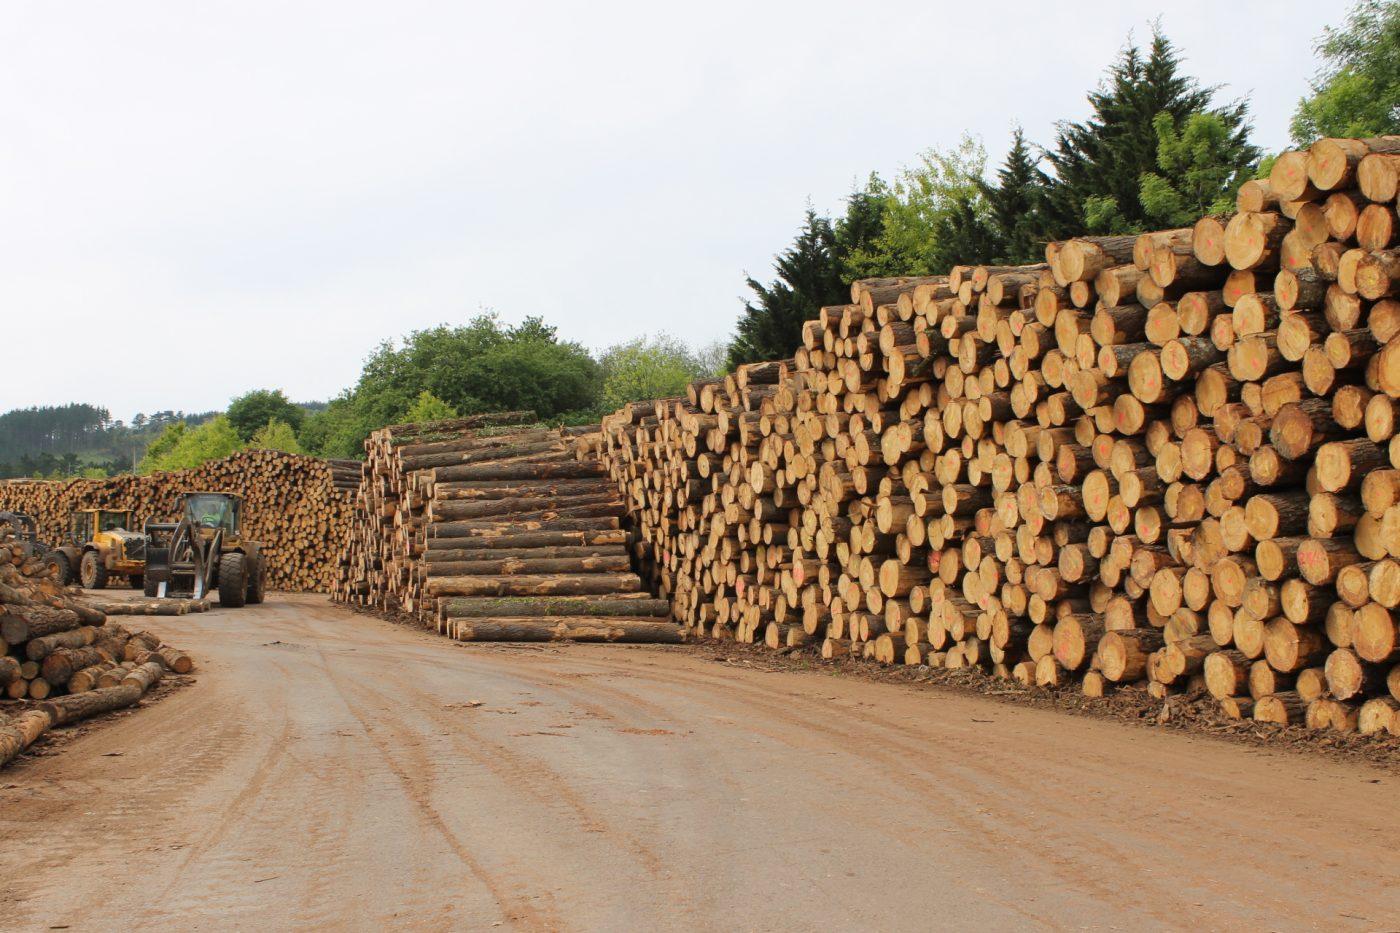 La escasez de suministro de madera en algunos mercados internacionales hará aumentar los precios durante el último trimestre de 2020 y en adelante